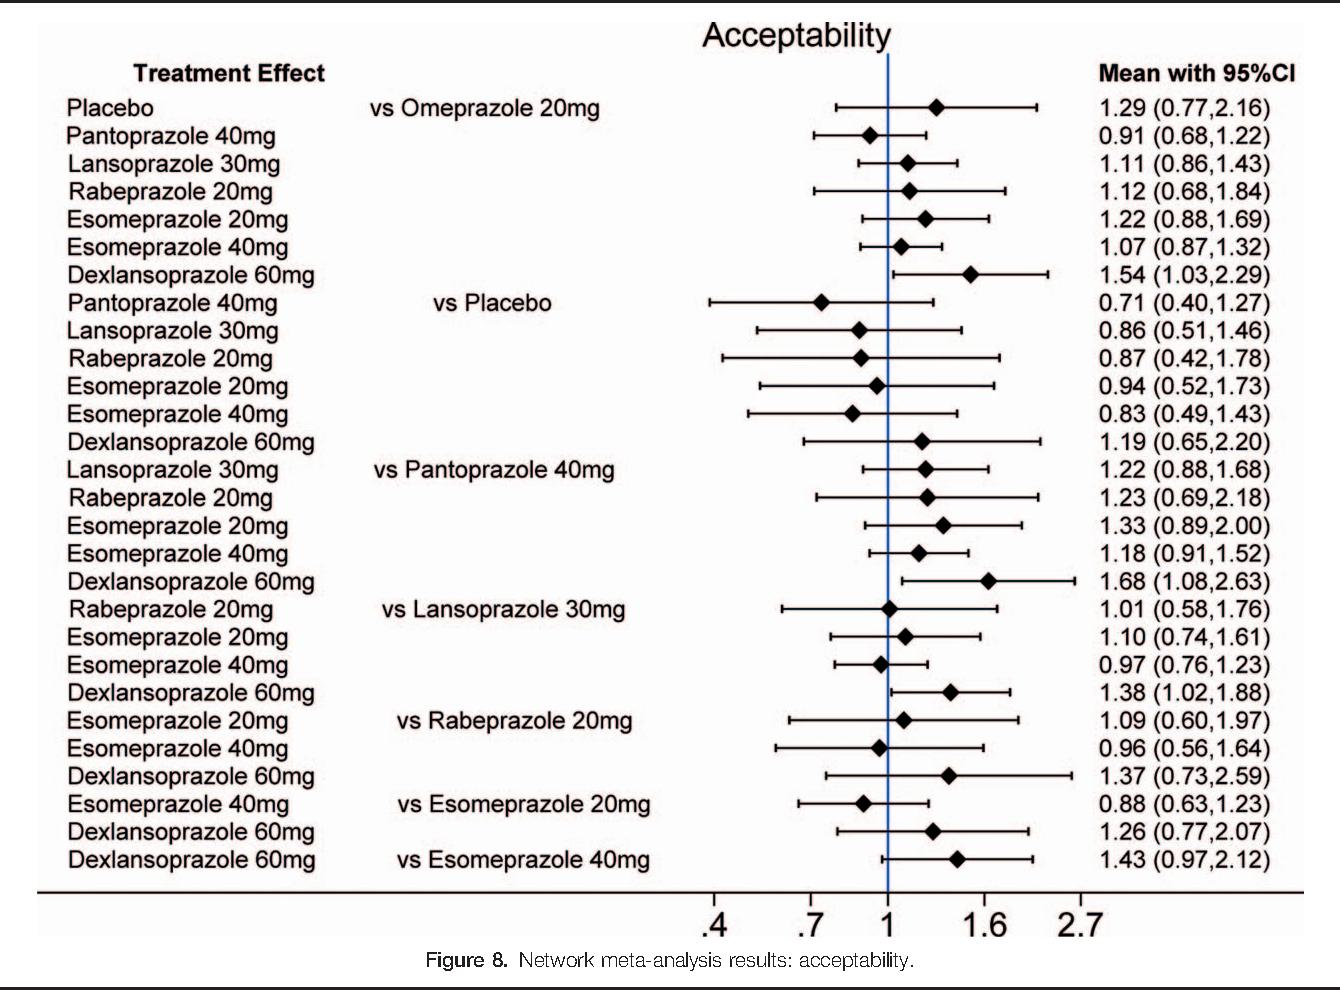 hydrochlorothiazide oral tablet 12.5mg